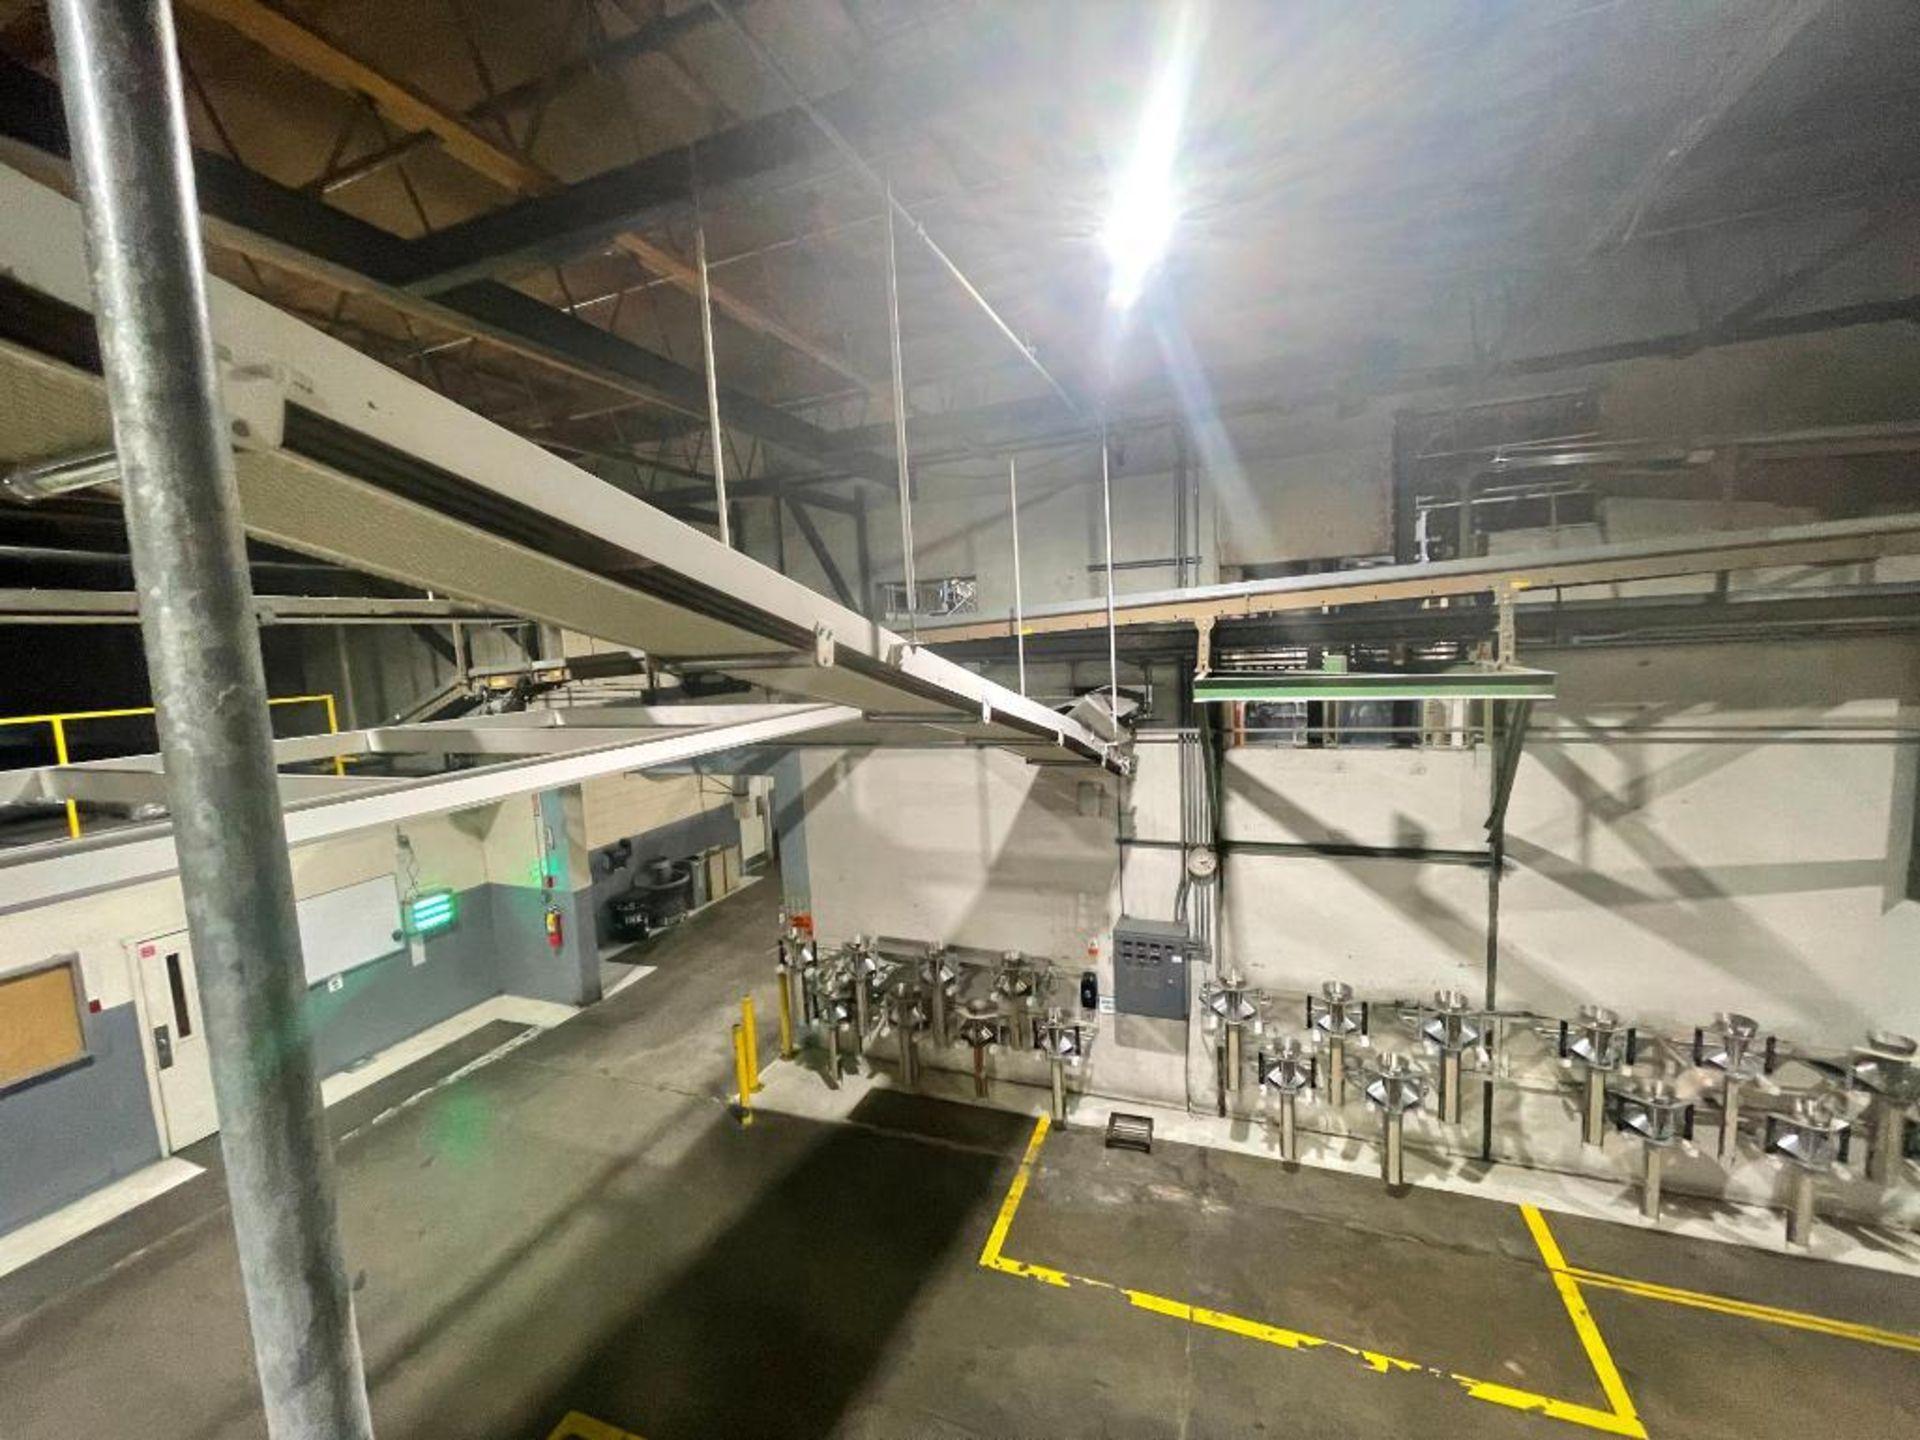 mild steel overhead belt conveyor - Image 6 of 8